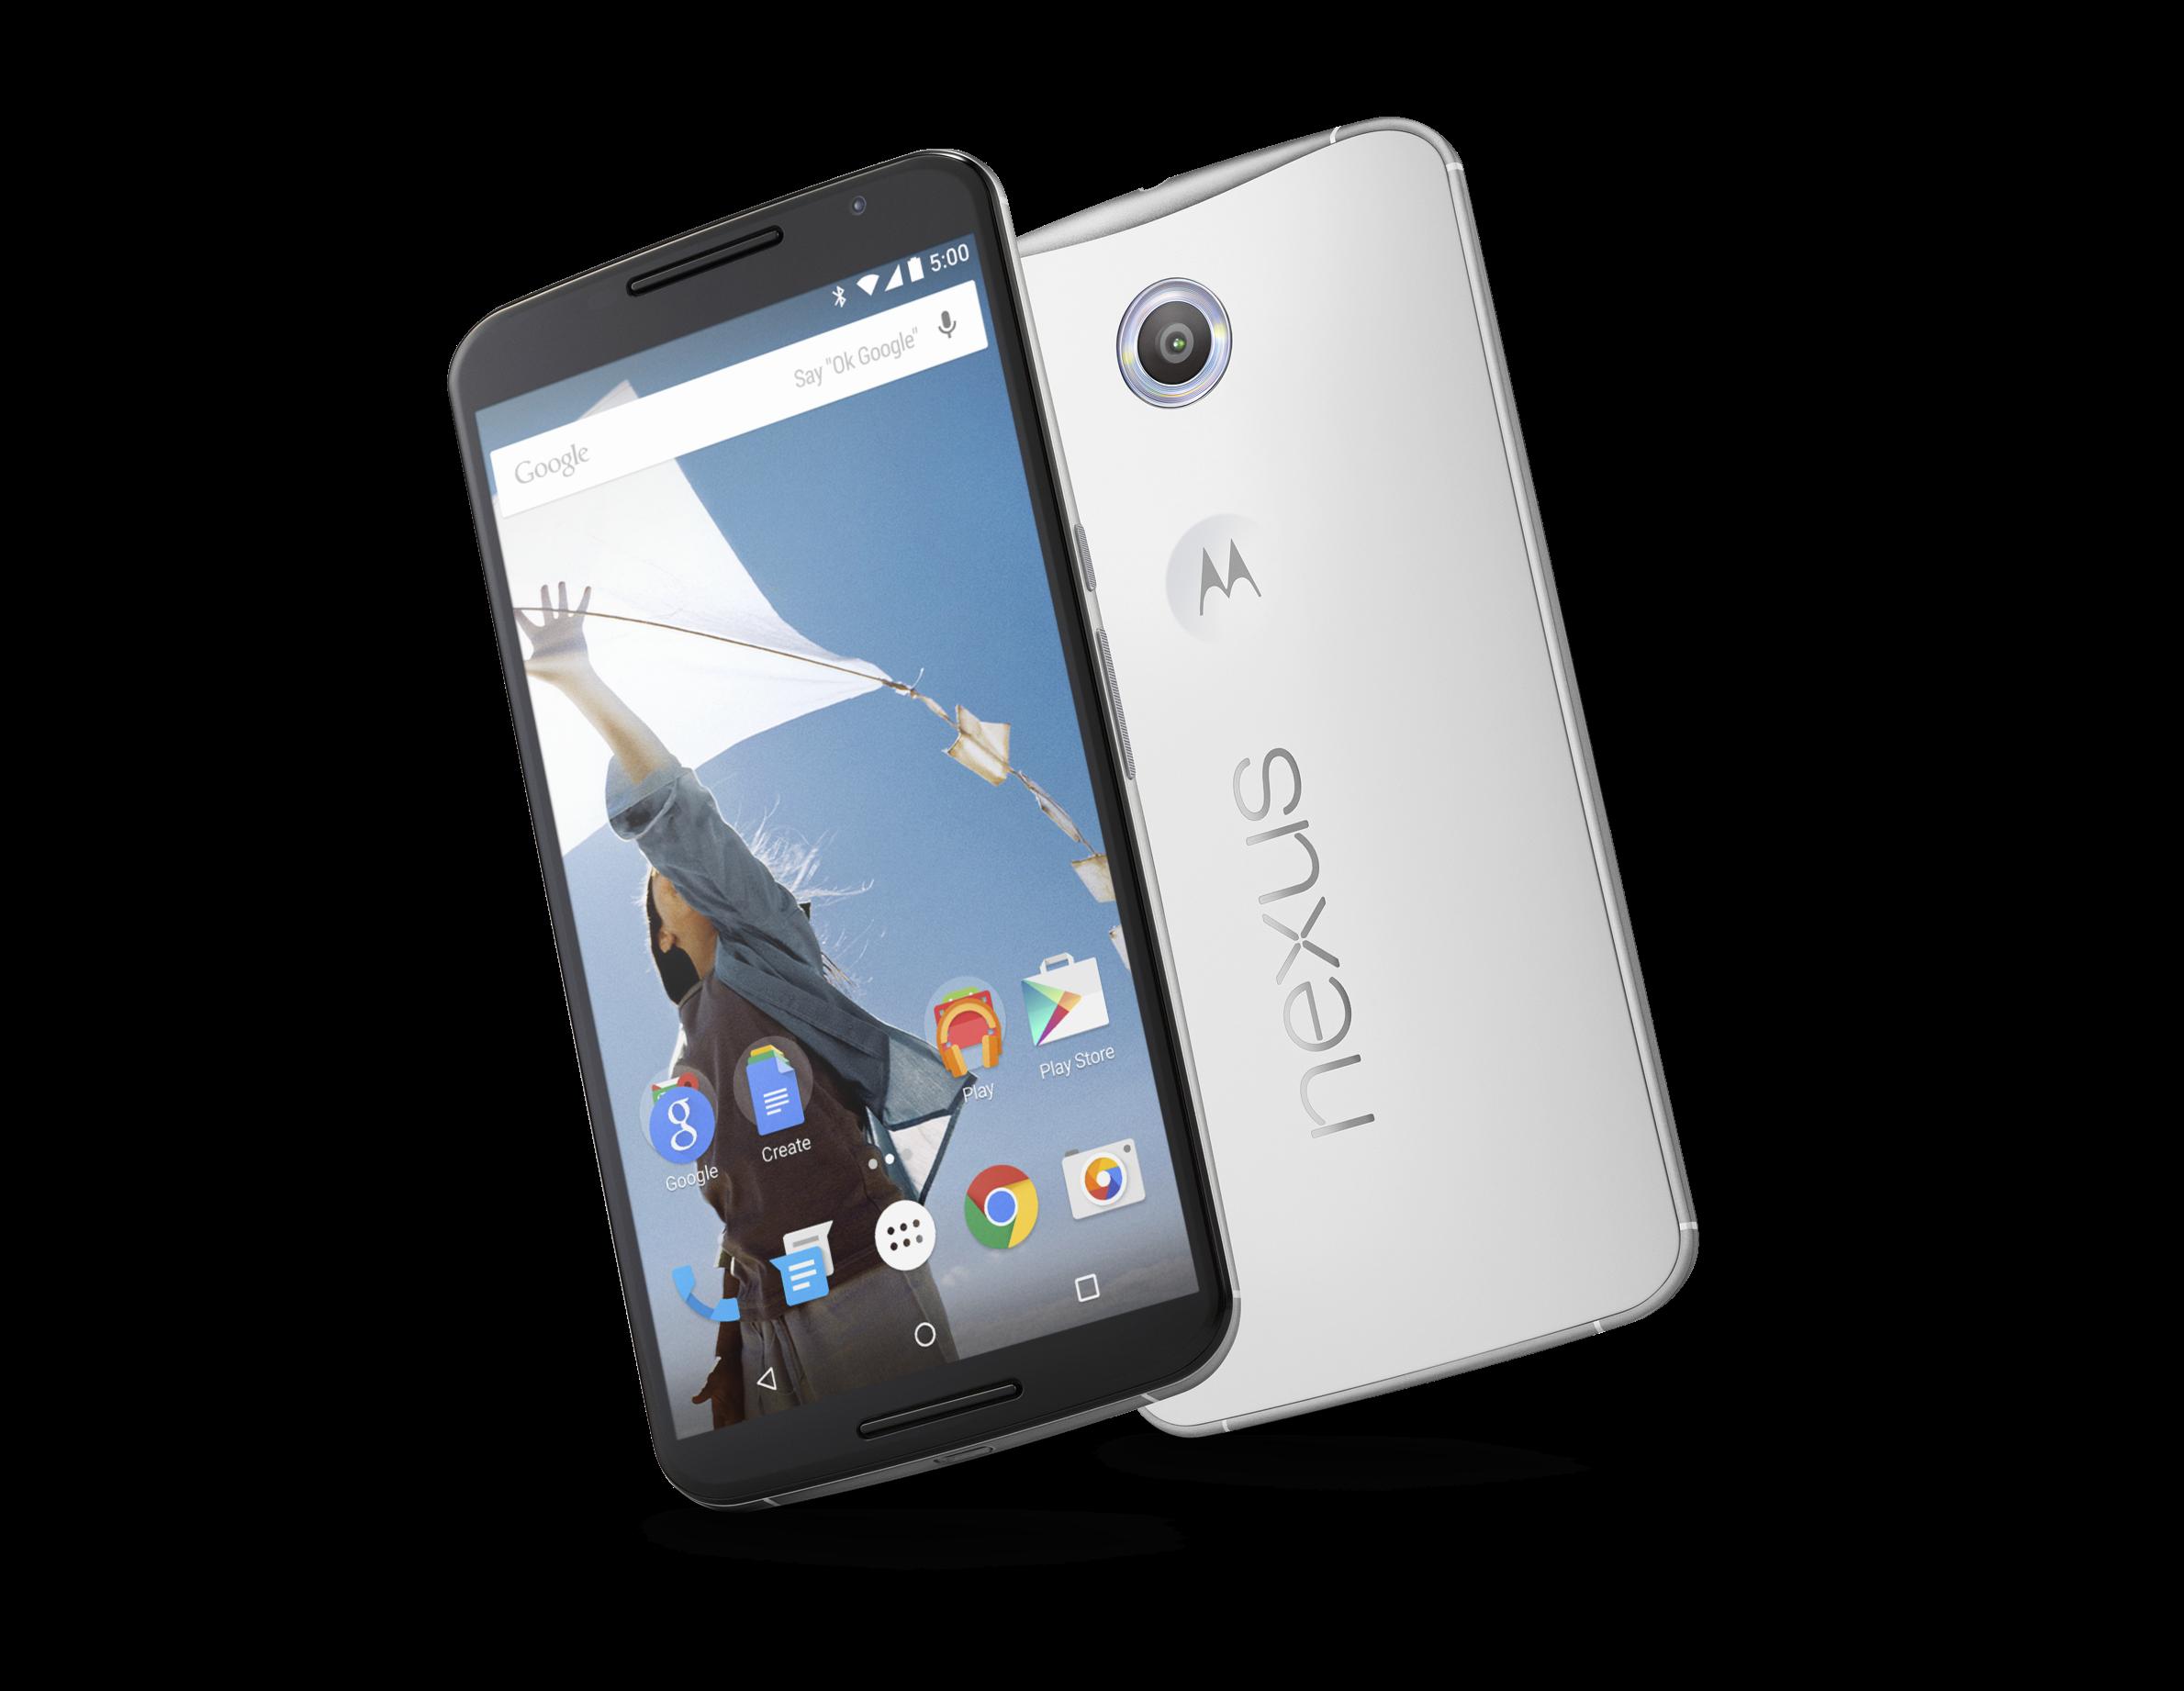 Nexus-6-Hero-Image-Cloud-White-LARGE.png